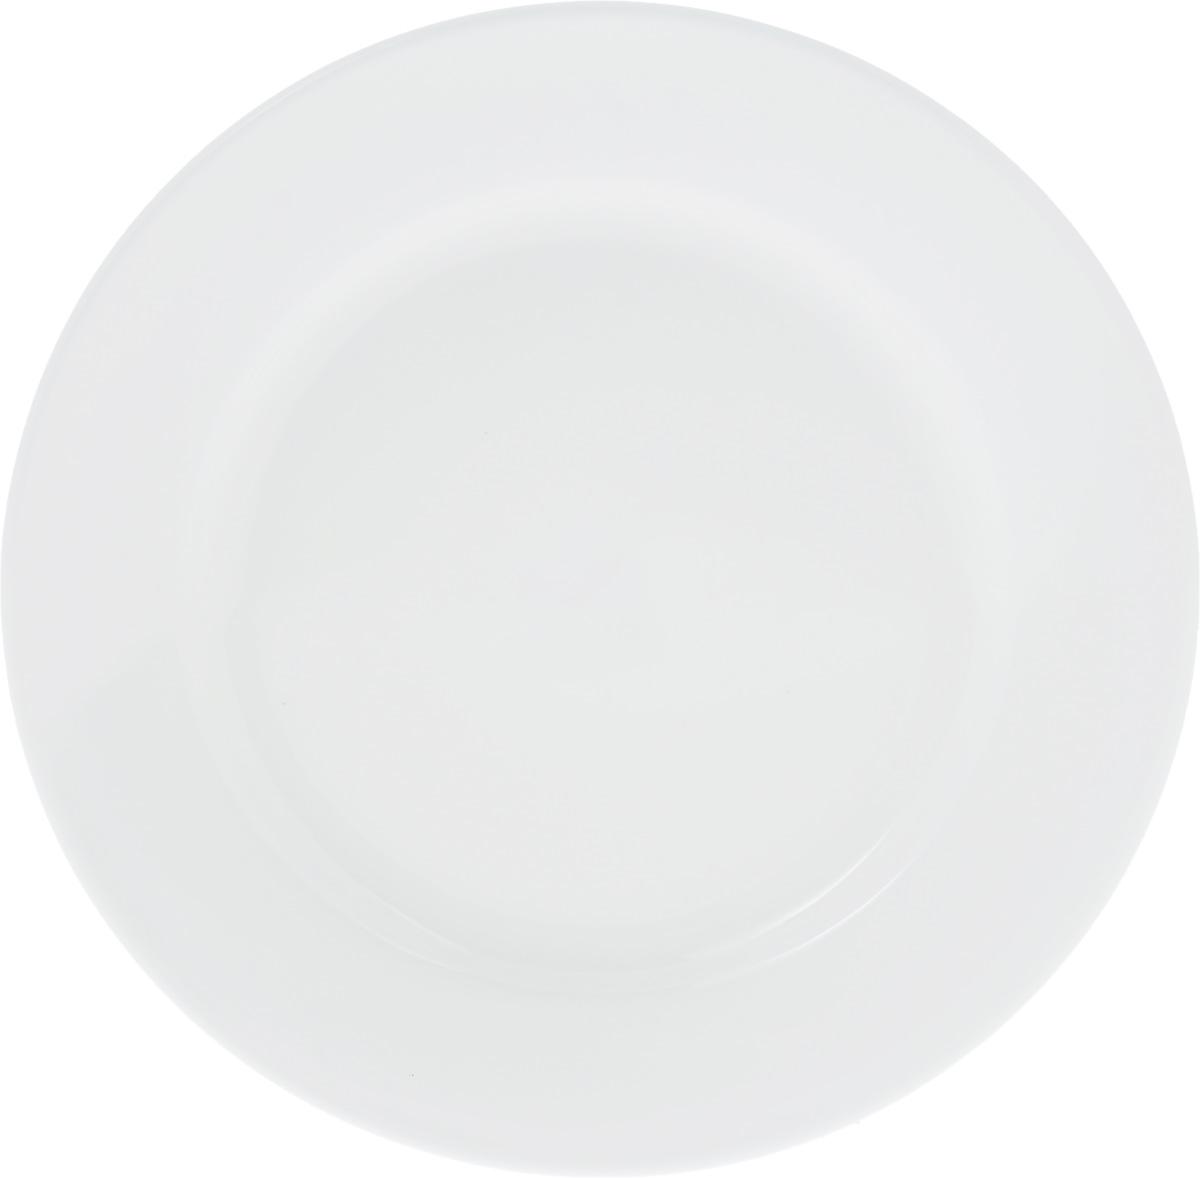 Тарелка Wilmax, диаметр 18 см. WL-991177 / A115010Тарелка Wilmax, выполненная из высококачественного фарфора, имеет классическую круглую форму.Изделие идеально подойдет для сервировки стола и станет отличным подарком к любому празднику.